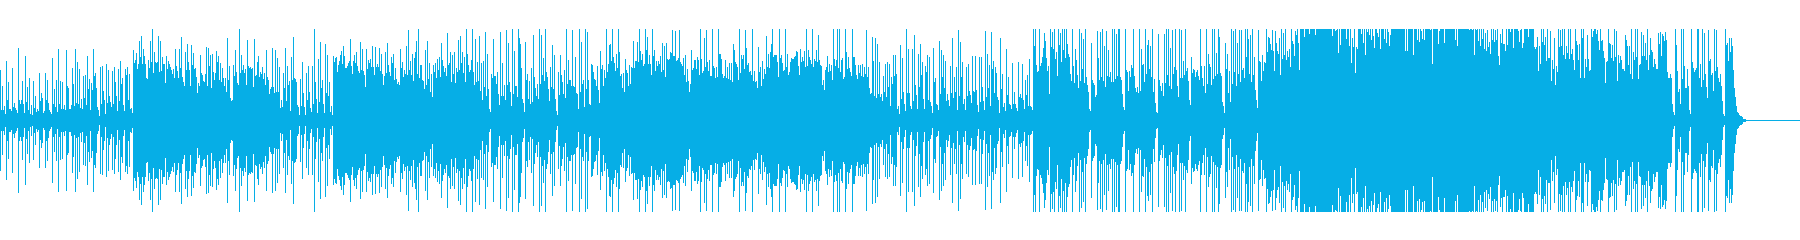 エスニック感あるビートサウンドの再生済みの波形